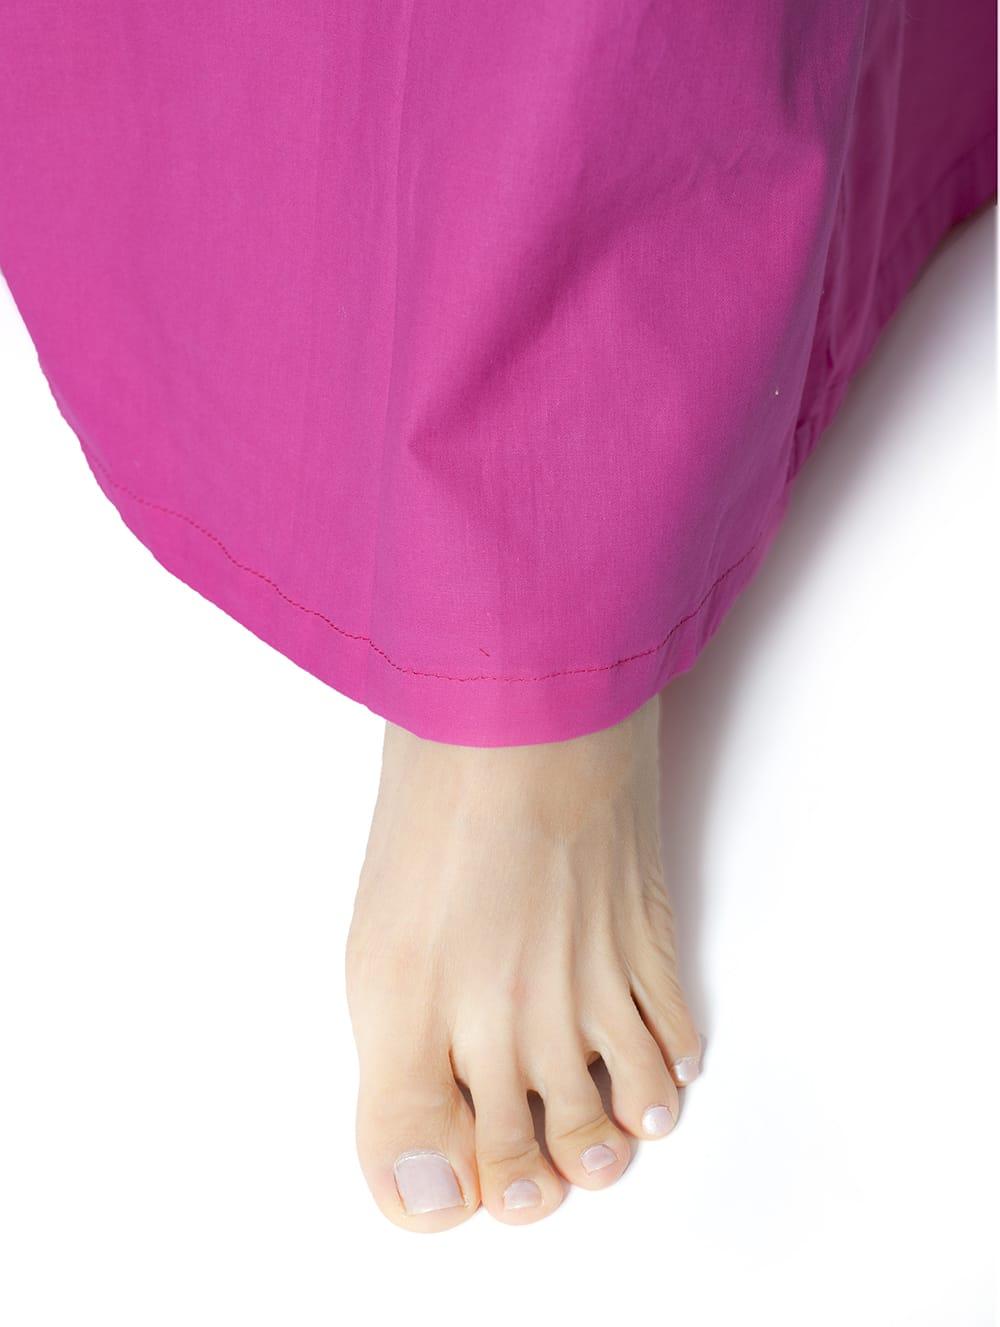 サリーの下に着るペチコート ホワイト 6 - このように紐で調整できるフリーサイズ(最大ウエスト100cm程度)です。